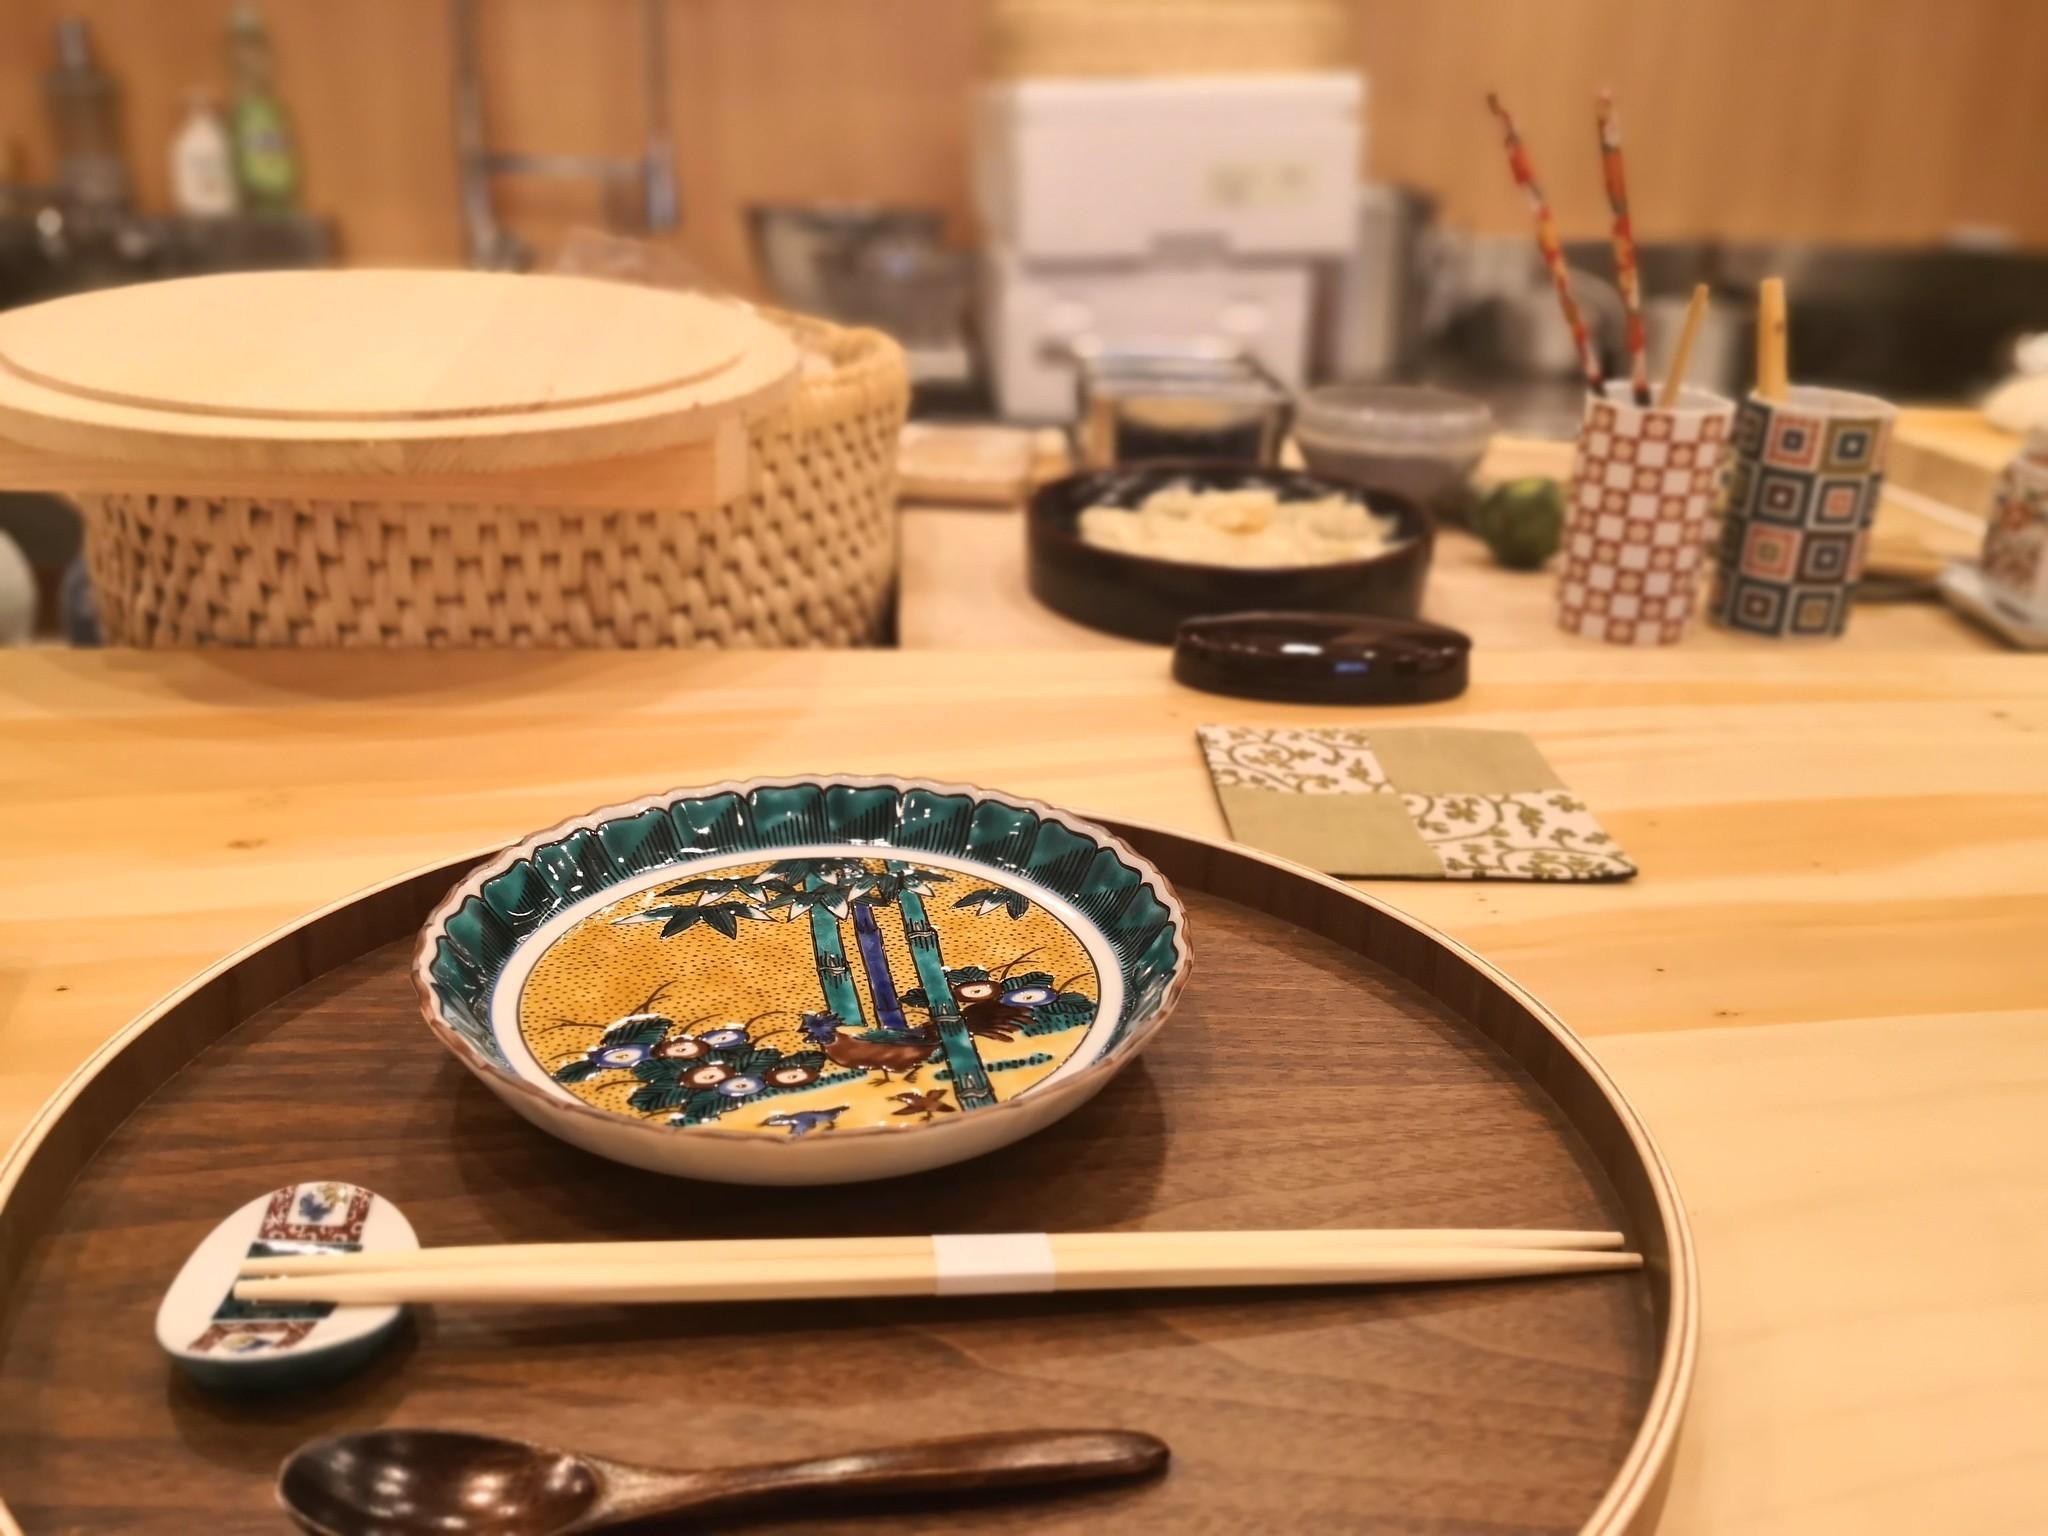 【豪徳寺】 鮨割烹 鼓舞@北陸のネタが楽しめる心意気のよいお寿司屋さん。